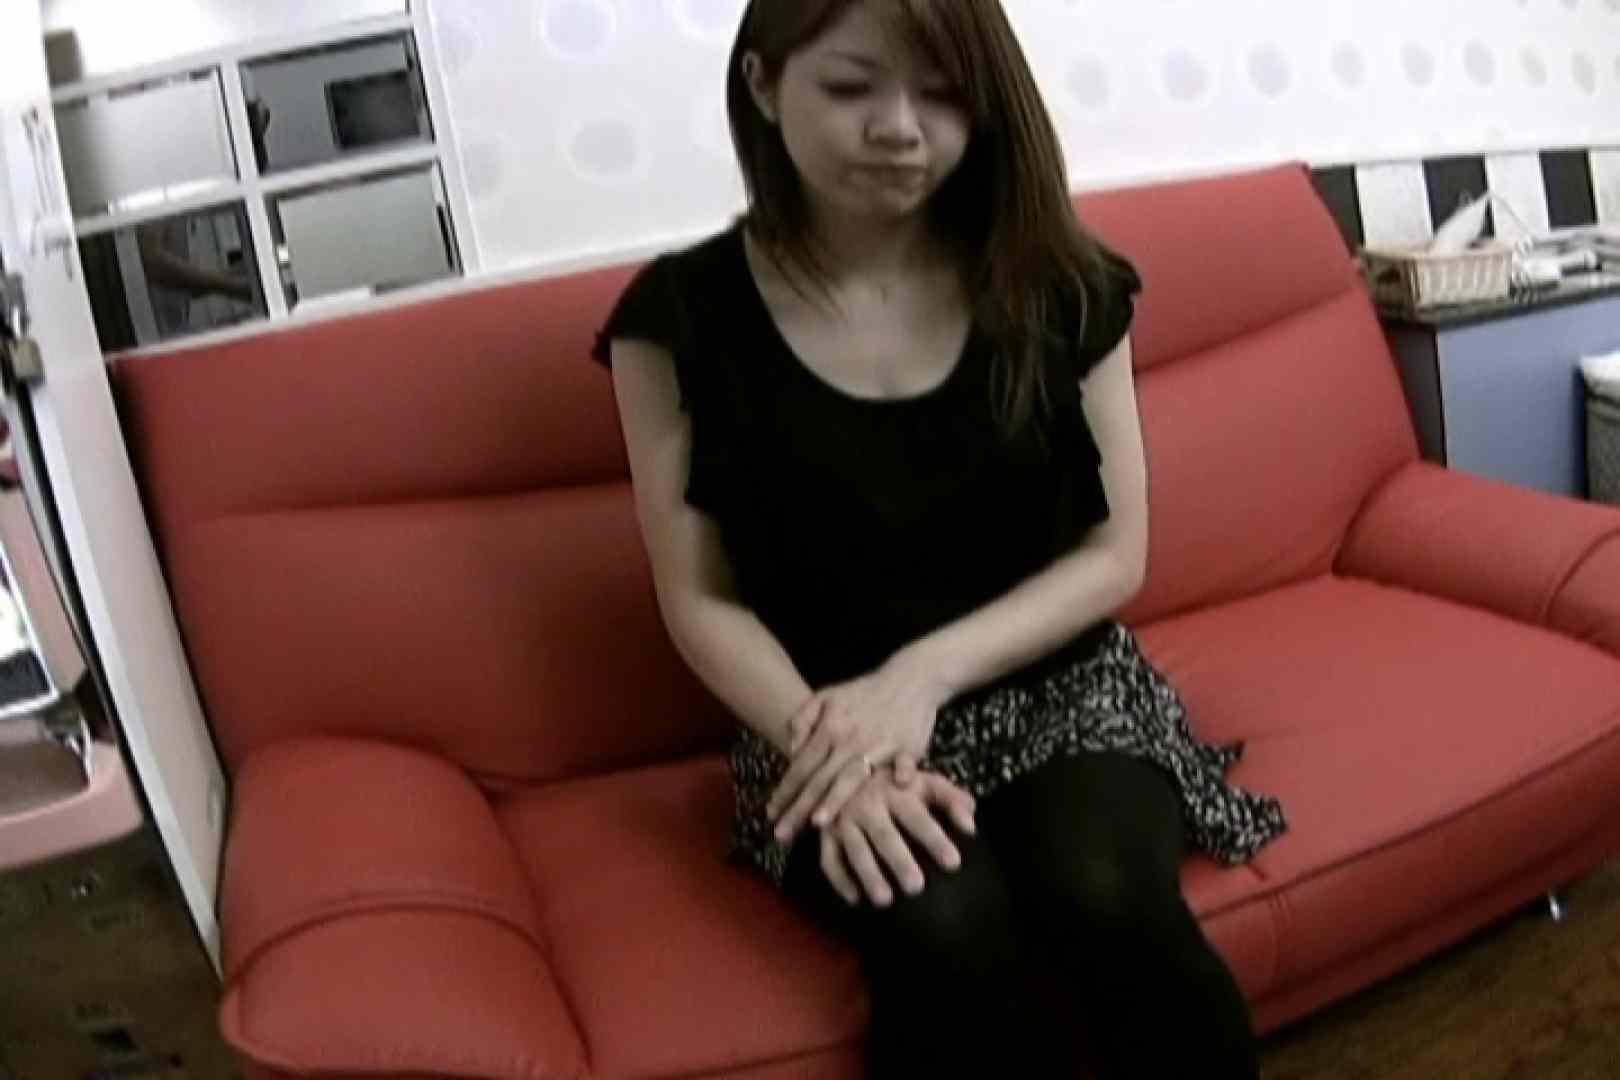 素人モデル撮っちゃいました kana02 女子大生のエッチ アダルト動画キャプチャ 94pic 55